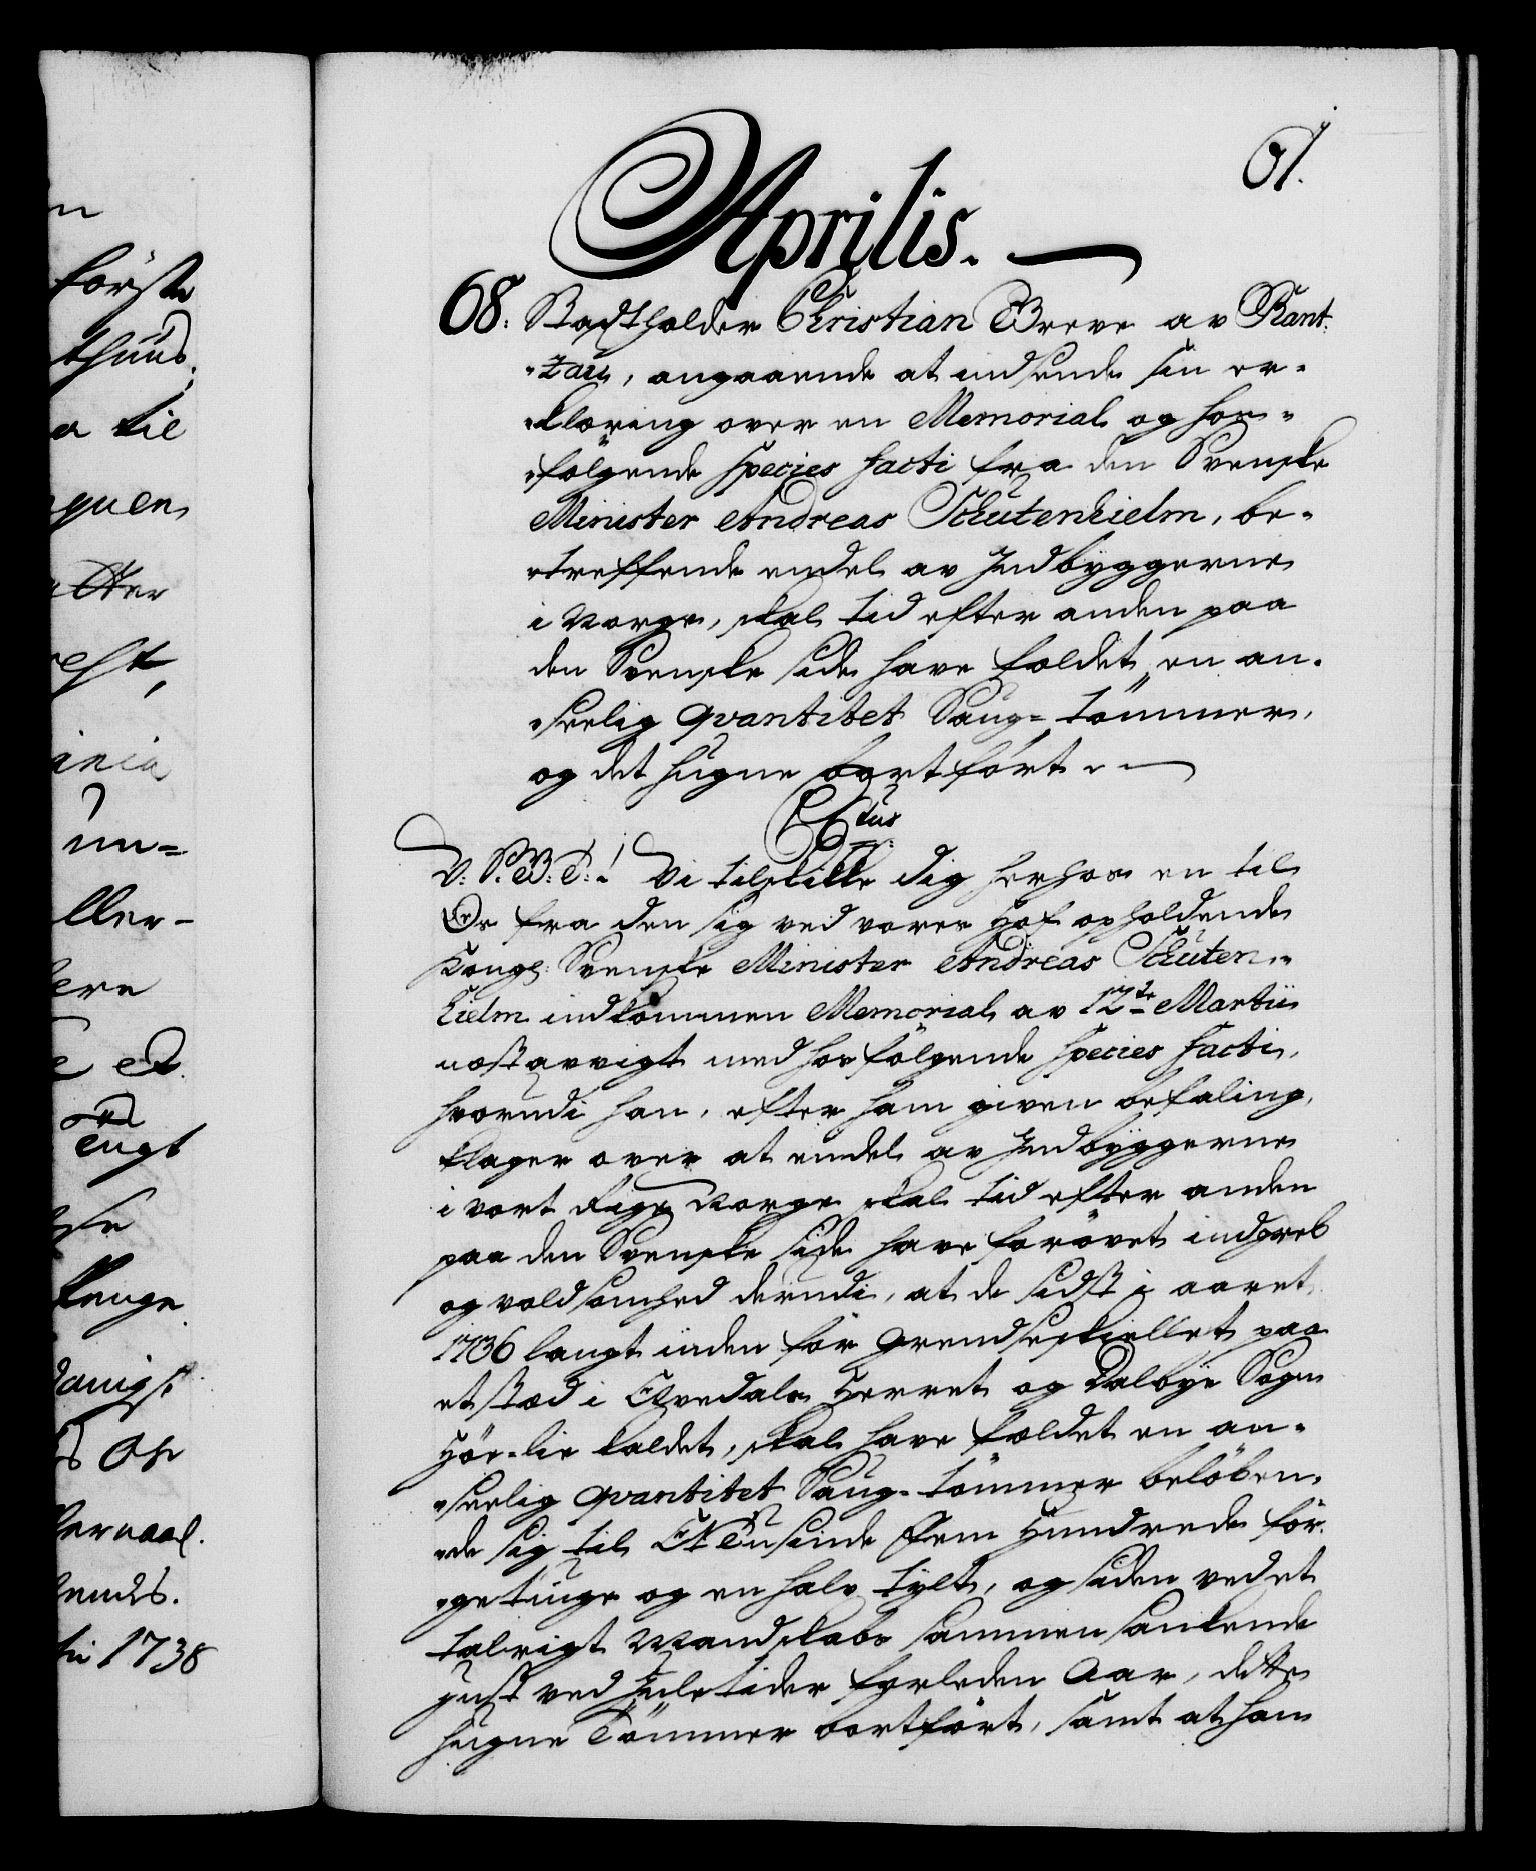 RA, Danske Kanselli 1572-1799, F/Fc/Fca/Fcab/L0028: Norske tegnelser, 1738-1740, s. 61a